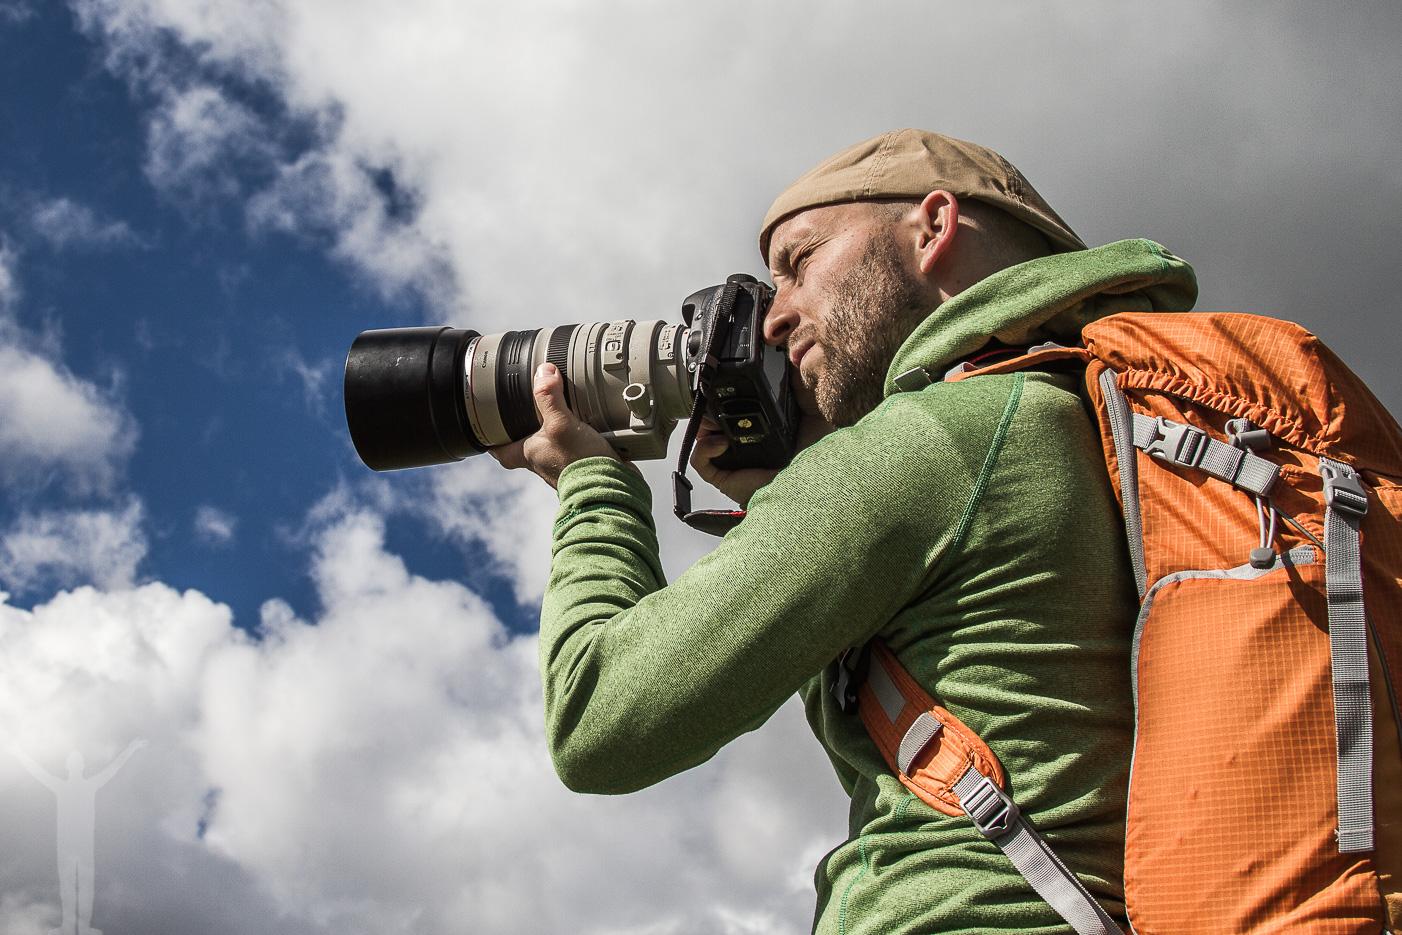 Dryden - flygfotografen